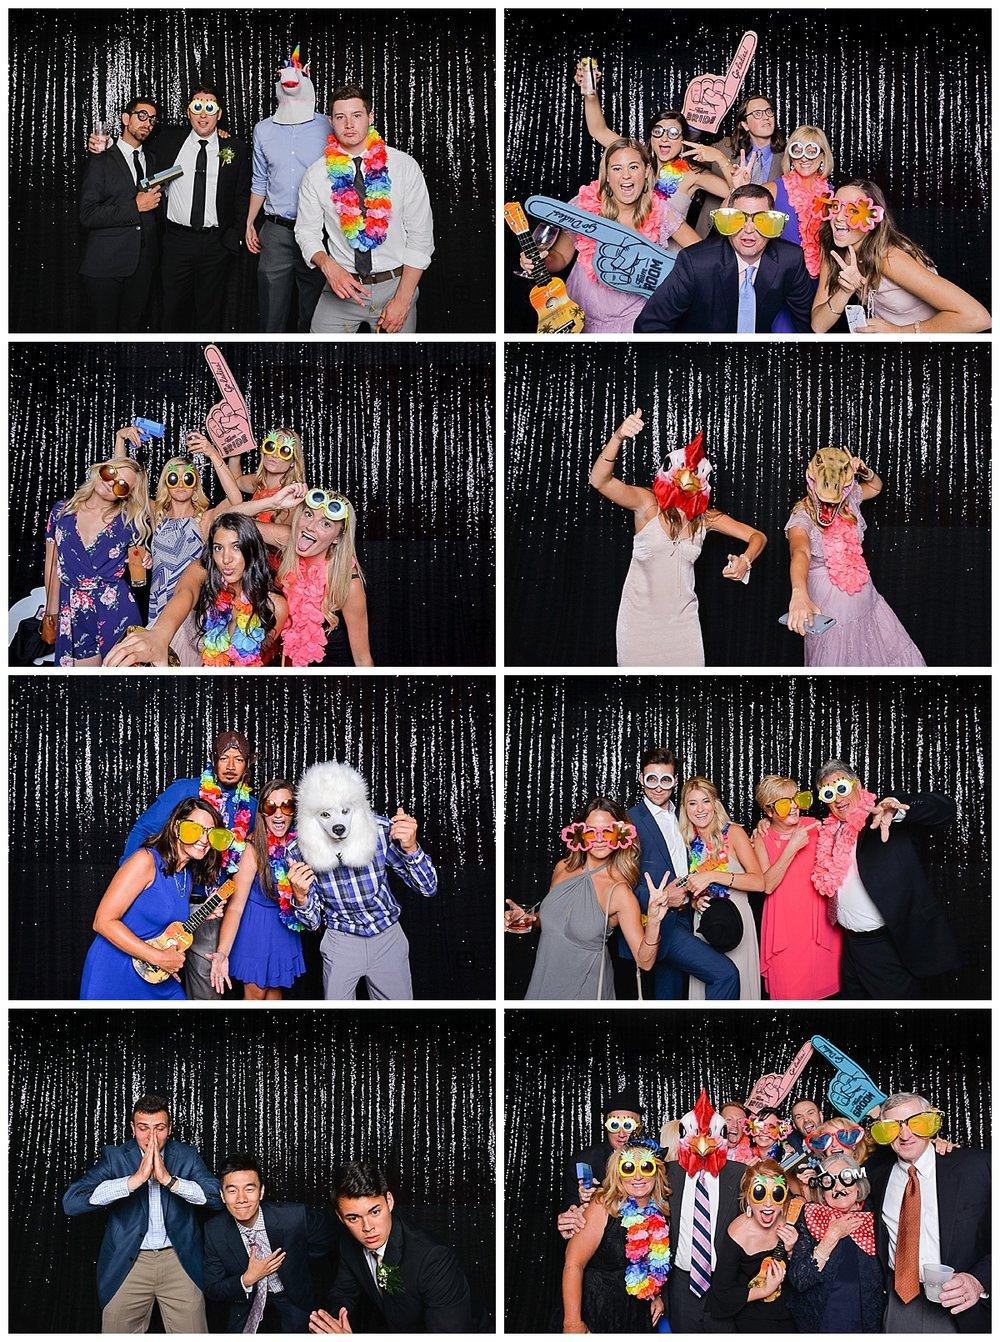 Angela + Eric| Wedding Day | Aloha Booth | Wedding Day | Aloha Booth | Wedding Day | Aloha Booth